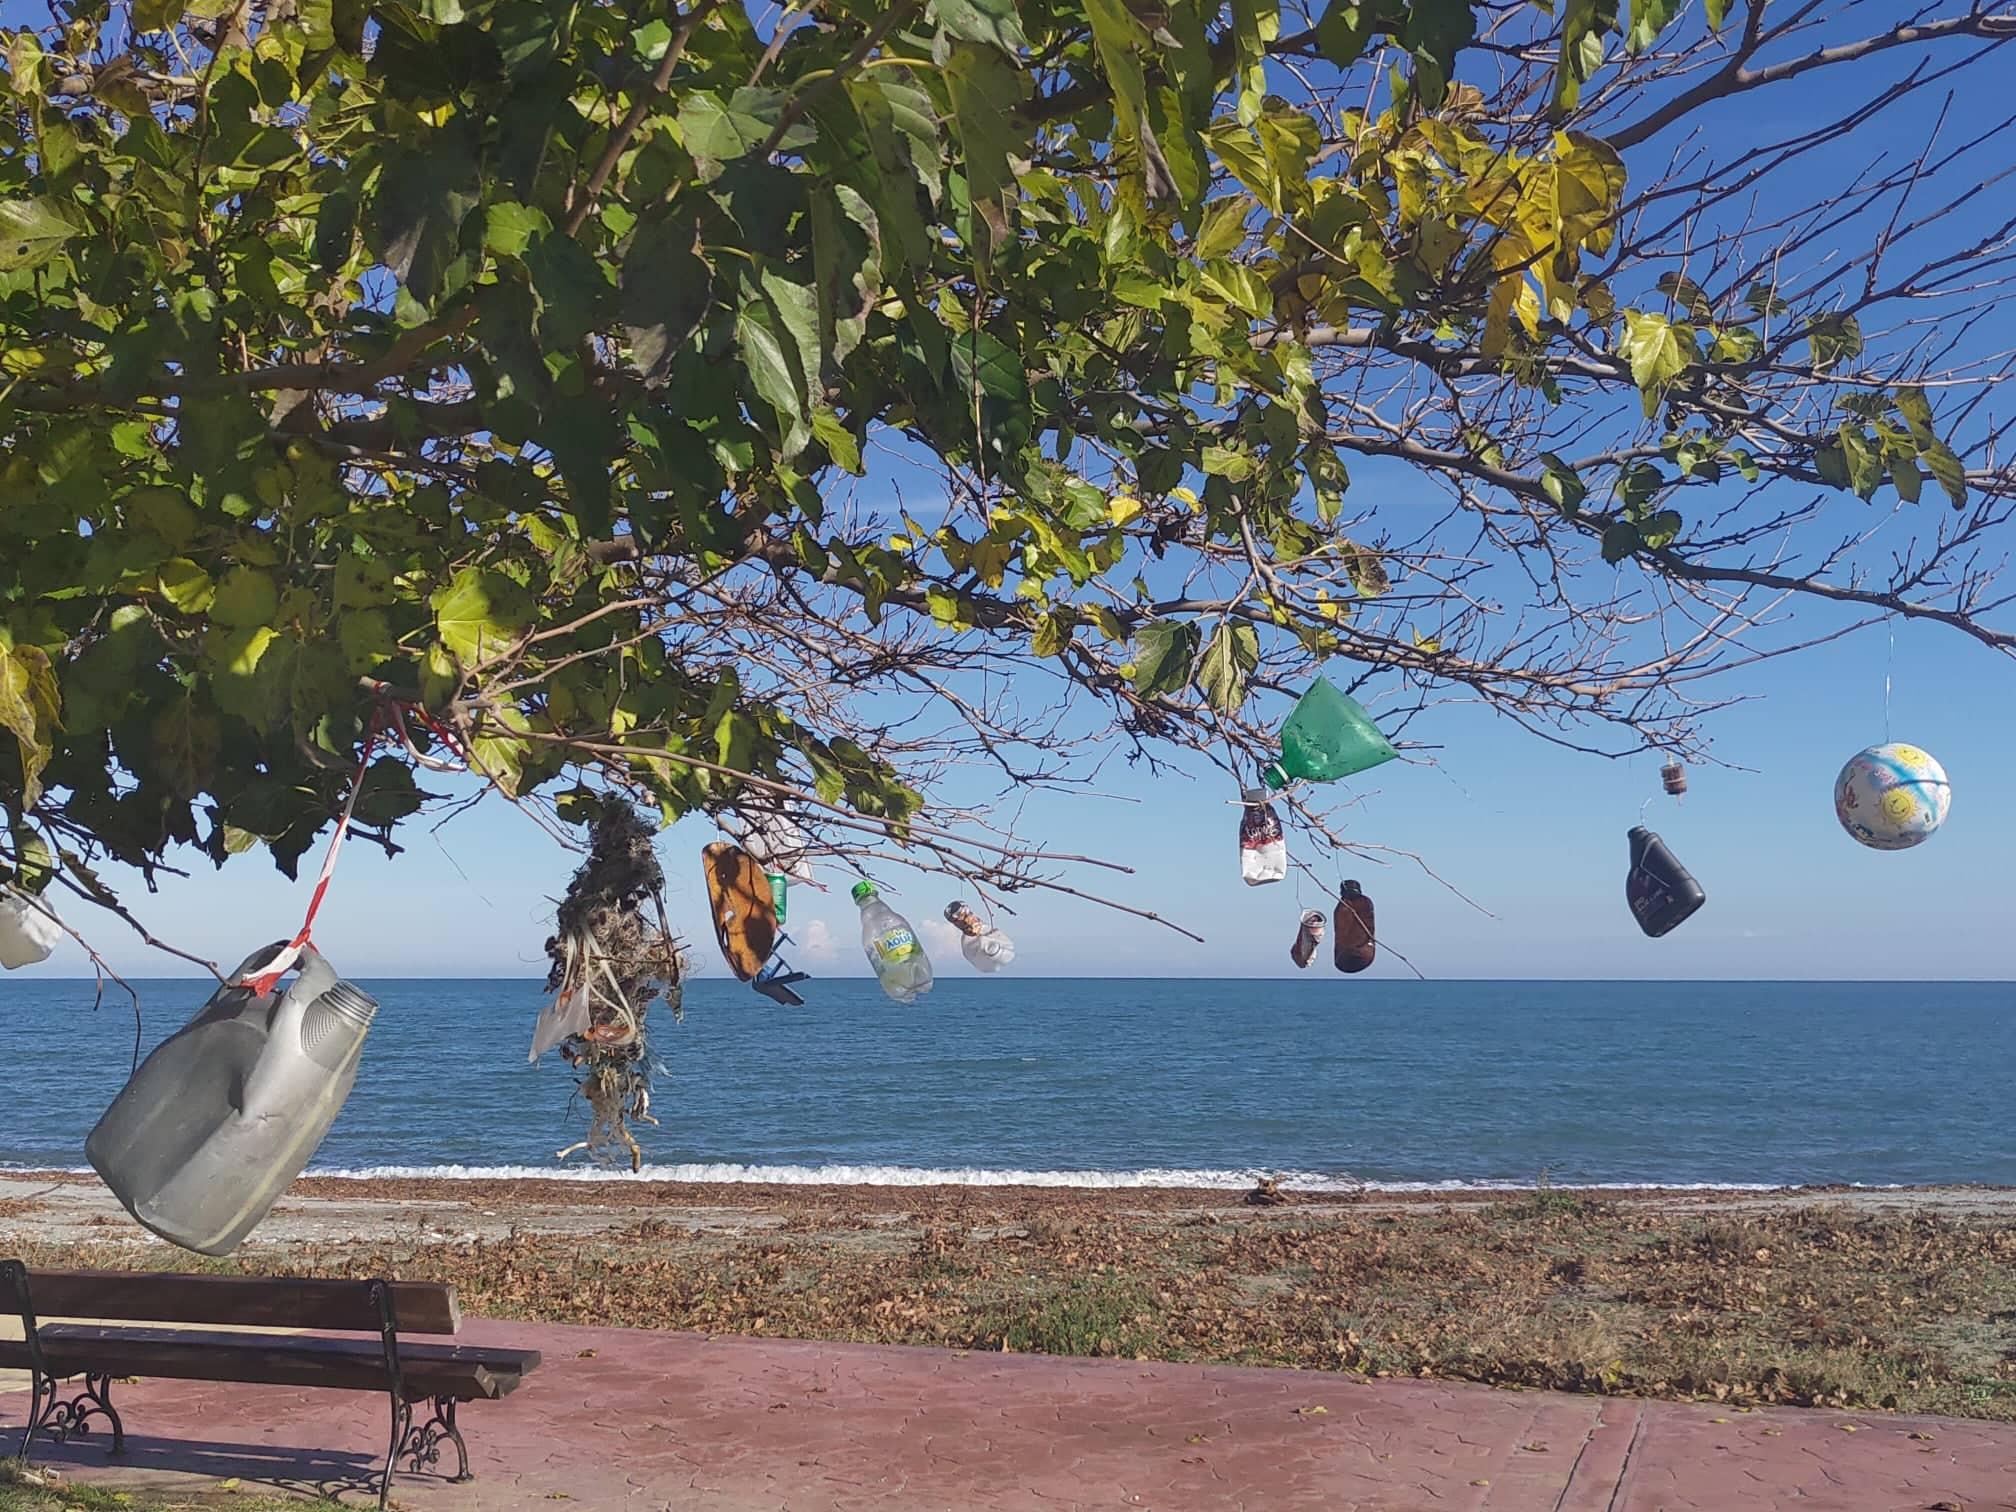 Σκουπίδια κρεμασμένα σε δέντρο